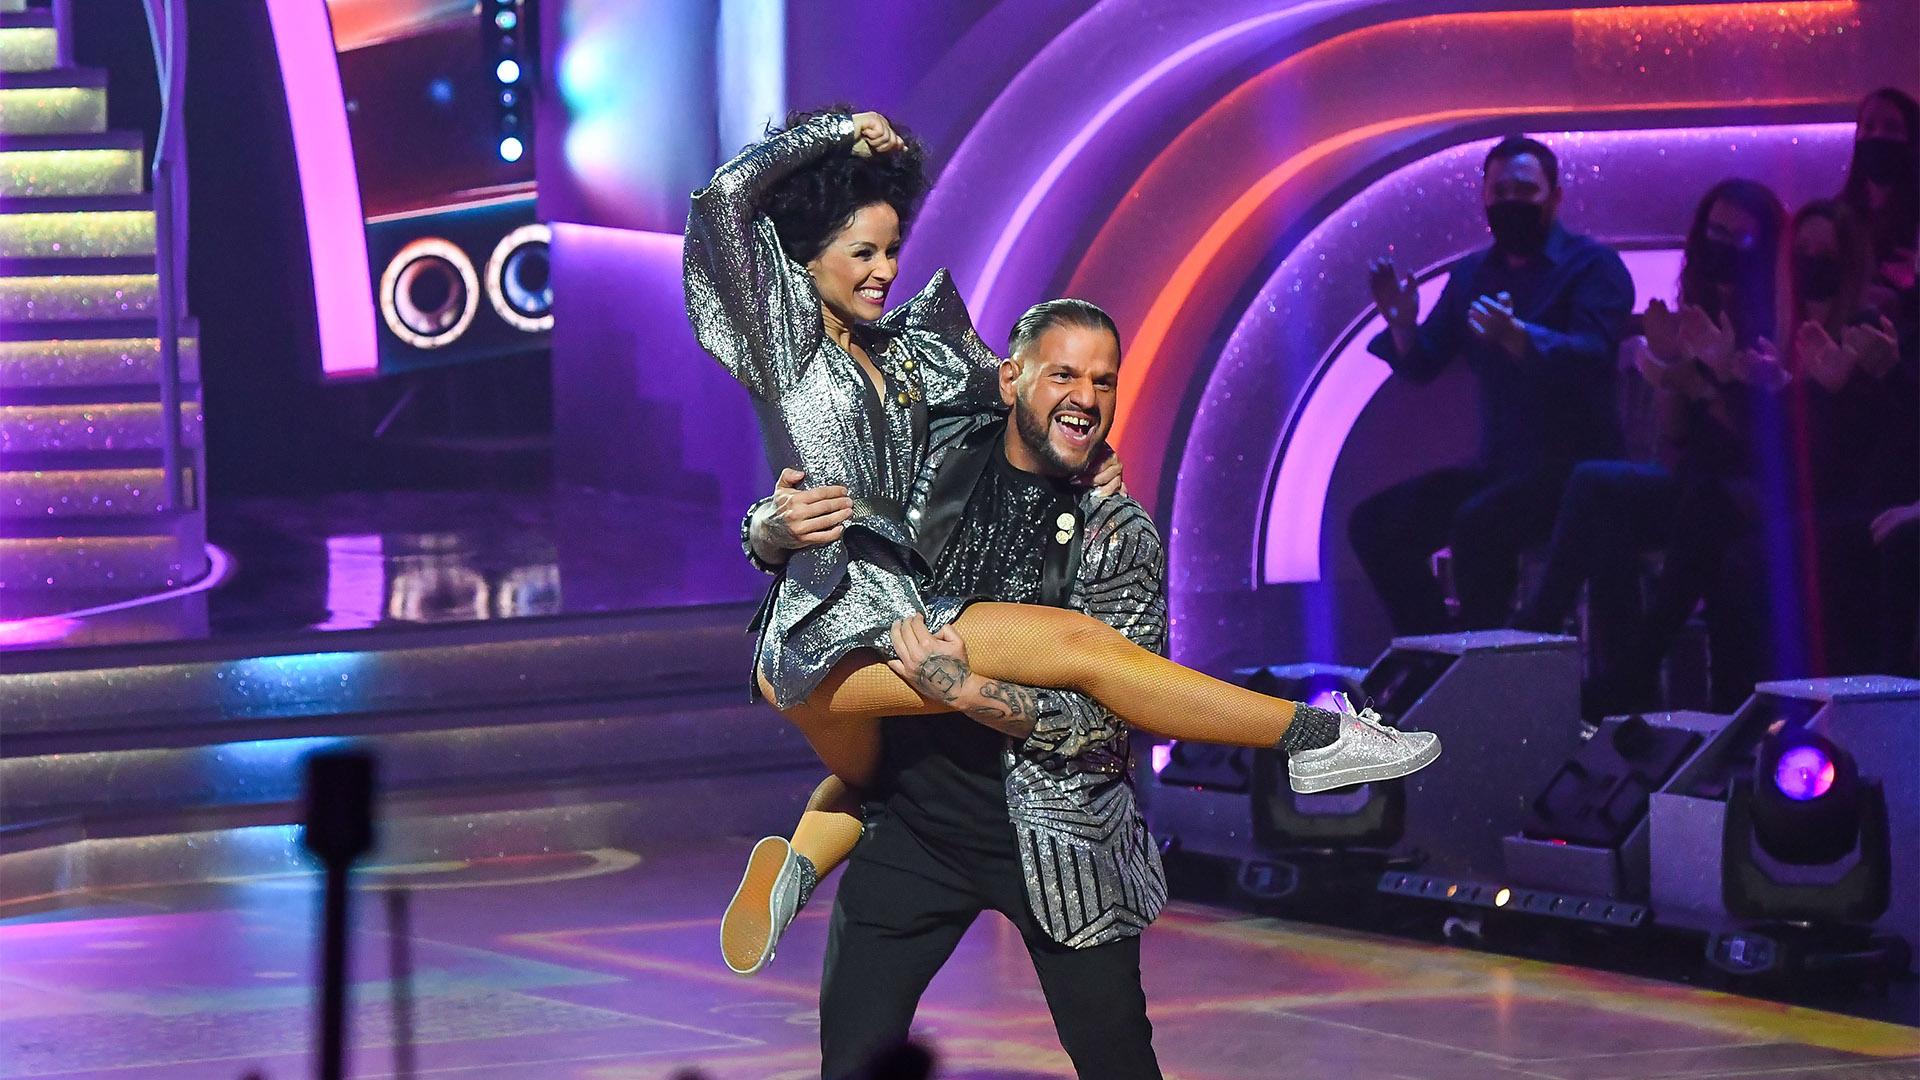 dancing with the stars détár enikő emilio holczhaffer csaba horváth tamás koronavírus koronavírus teszt lelki kötelék pásztor anna tánc tánclépés Tóth Orsolya Tv2 verseny